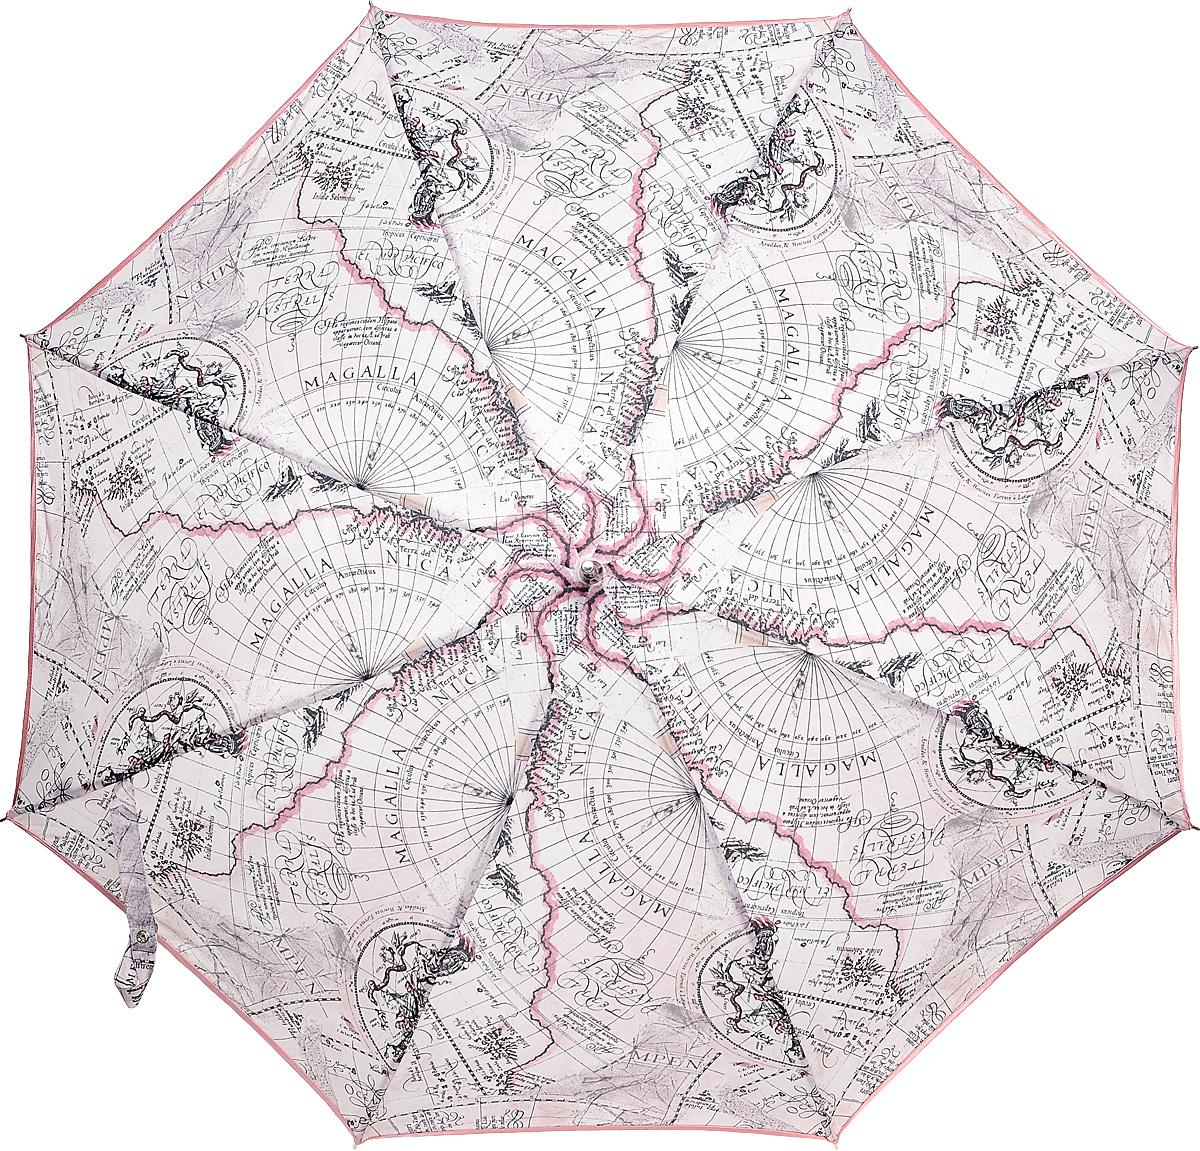 Зонт-трость женский Stilla, цвет: серо-сиреневый, черный. 680/3 autoКолье (короткие одноярусные бусы)Зонт-трость Stilla надежно защитит вас от дождя. Купол, оформленный оригинальным принтом, выполнен из высококачественного ПВХ, который не пропускает воду.Каркас зонта и спицы выполнены из высококарбонистой стали. Зонт имеет автоматический тип сложения: открывается и закрывается при нажатии на кнопку. Удобная ручка выполнена из пластика.